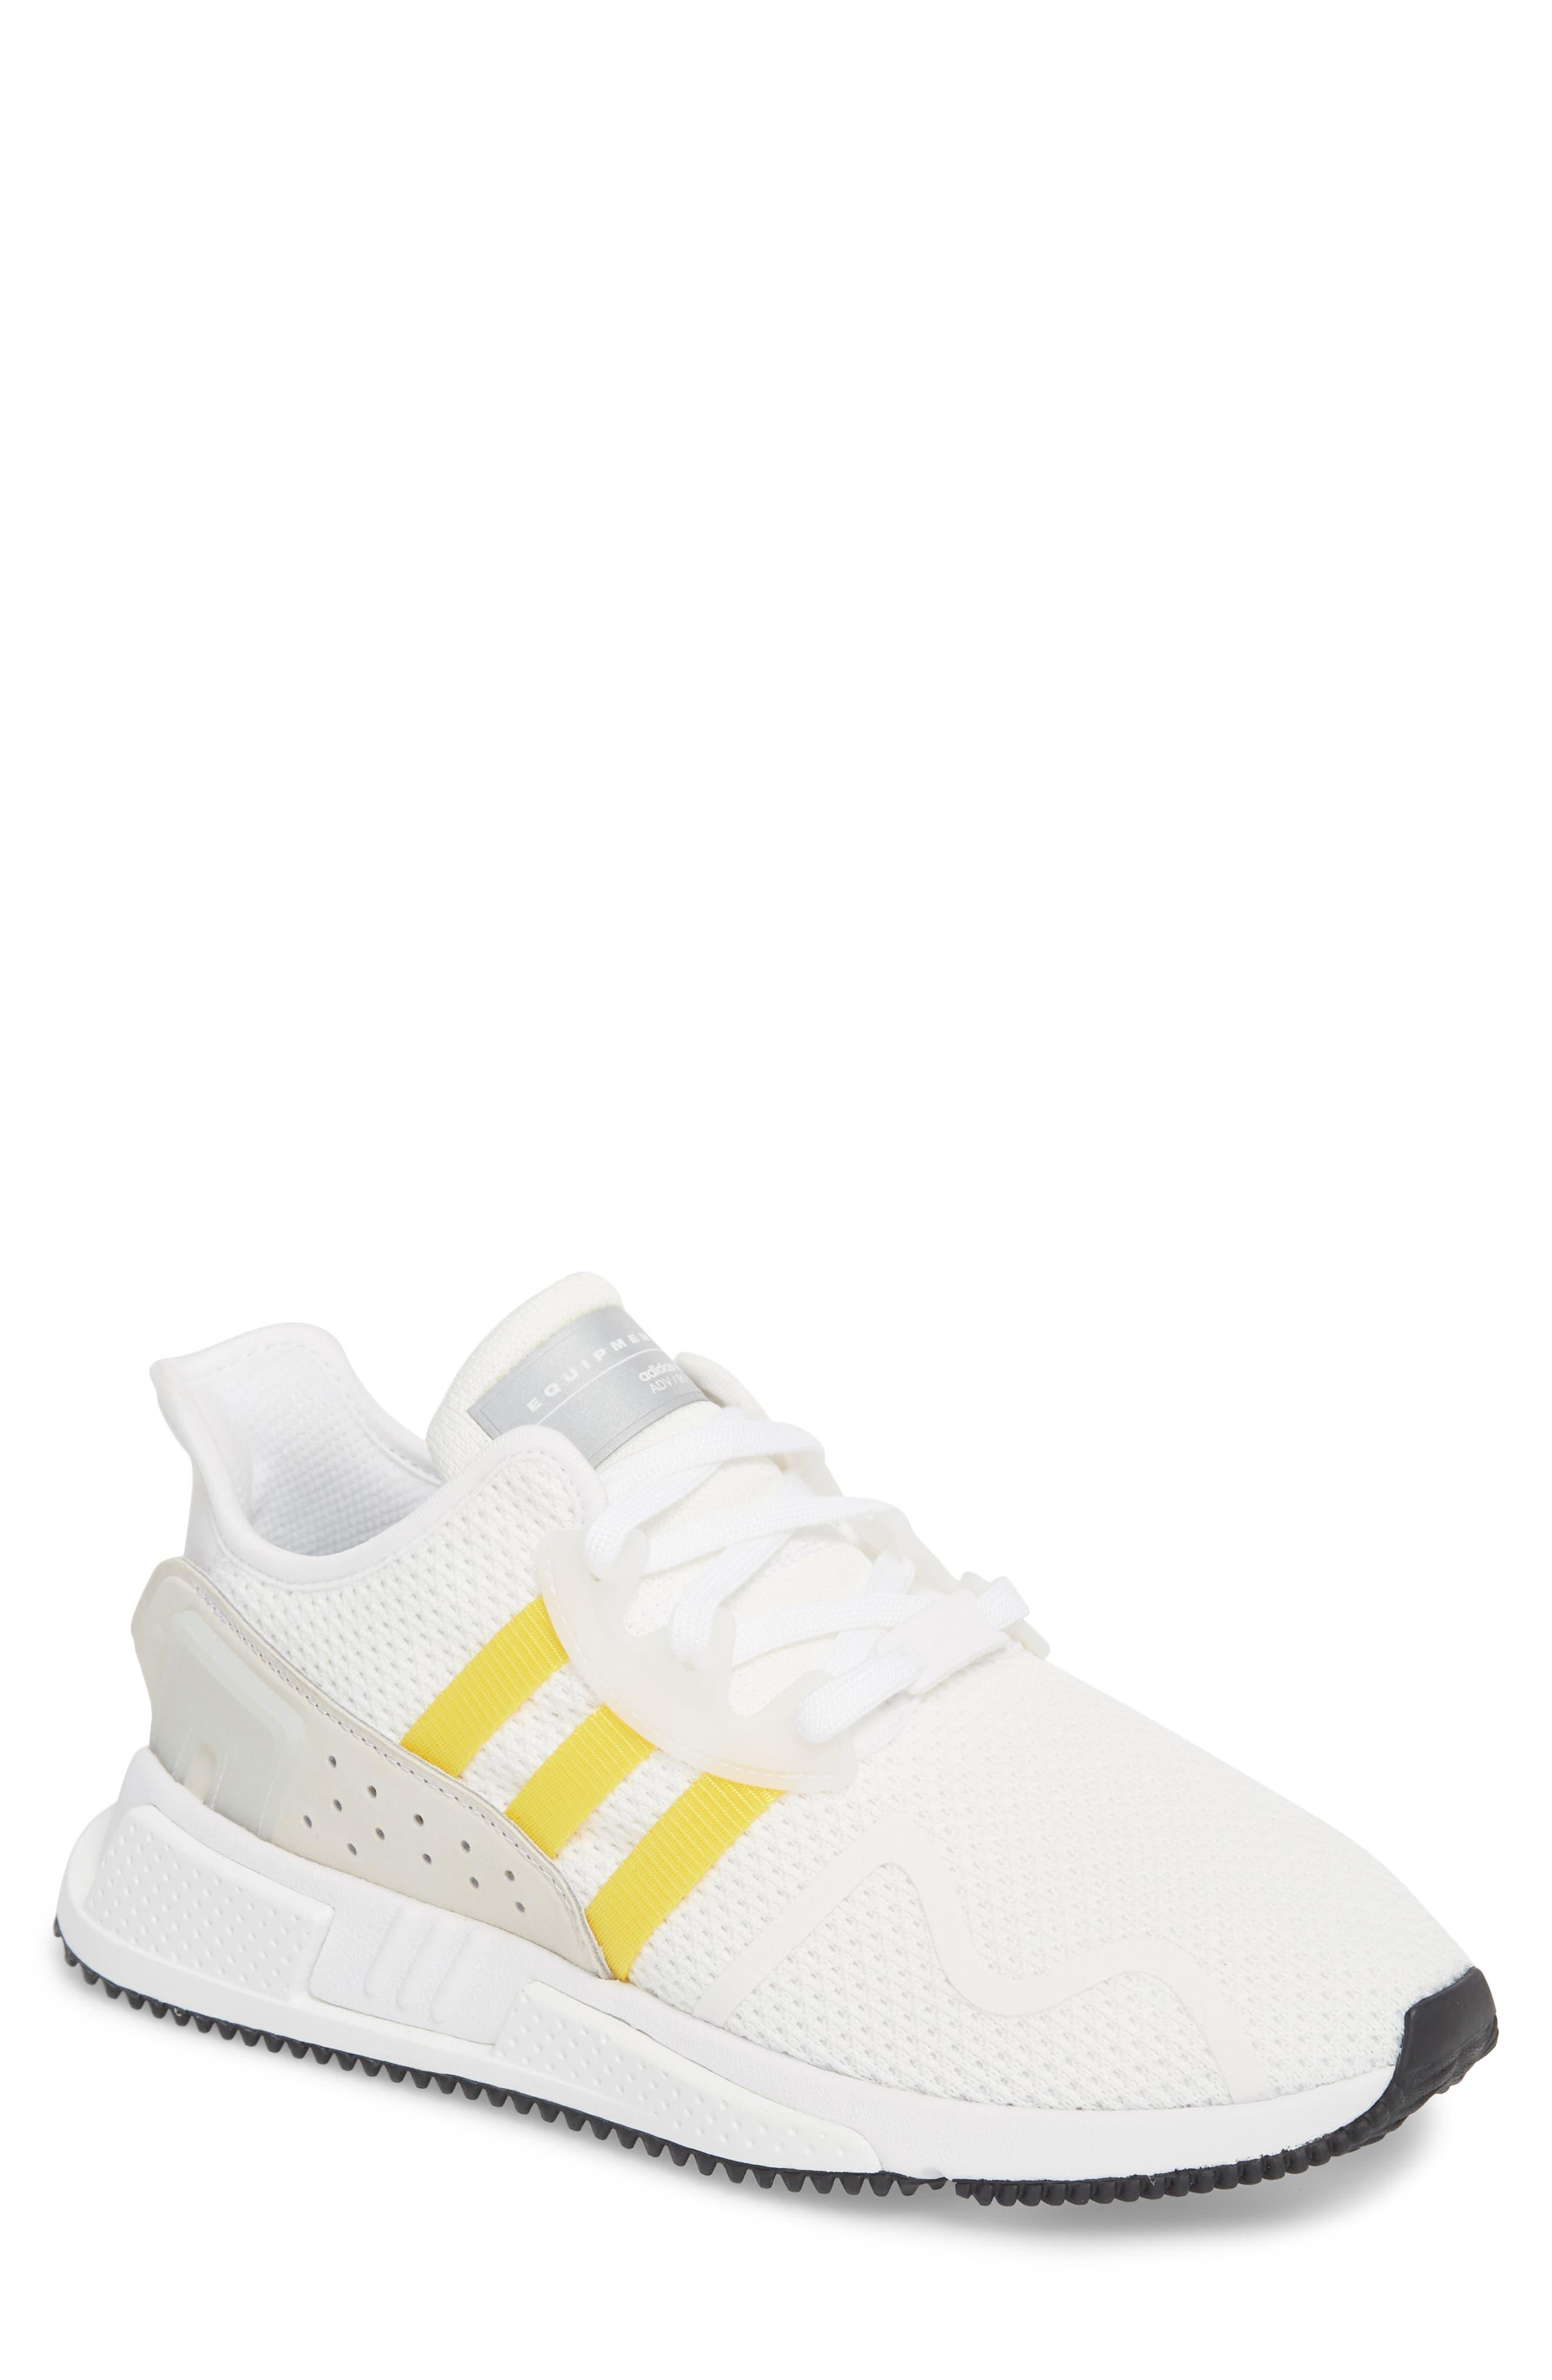 EQT Cushion ADV Sneaker,                         Main,                         color, WHITE/ SILVER